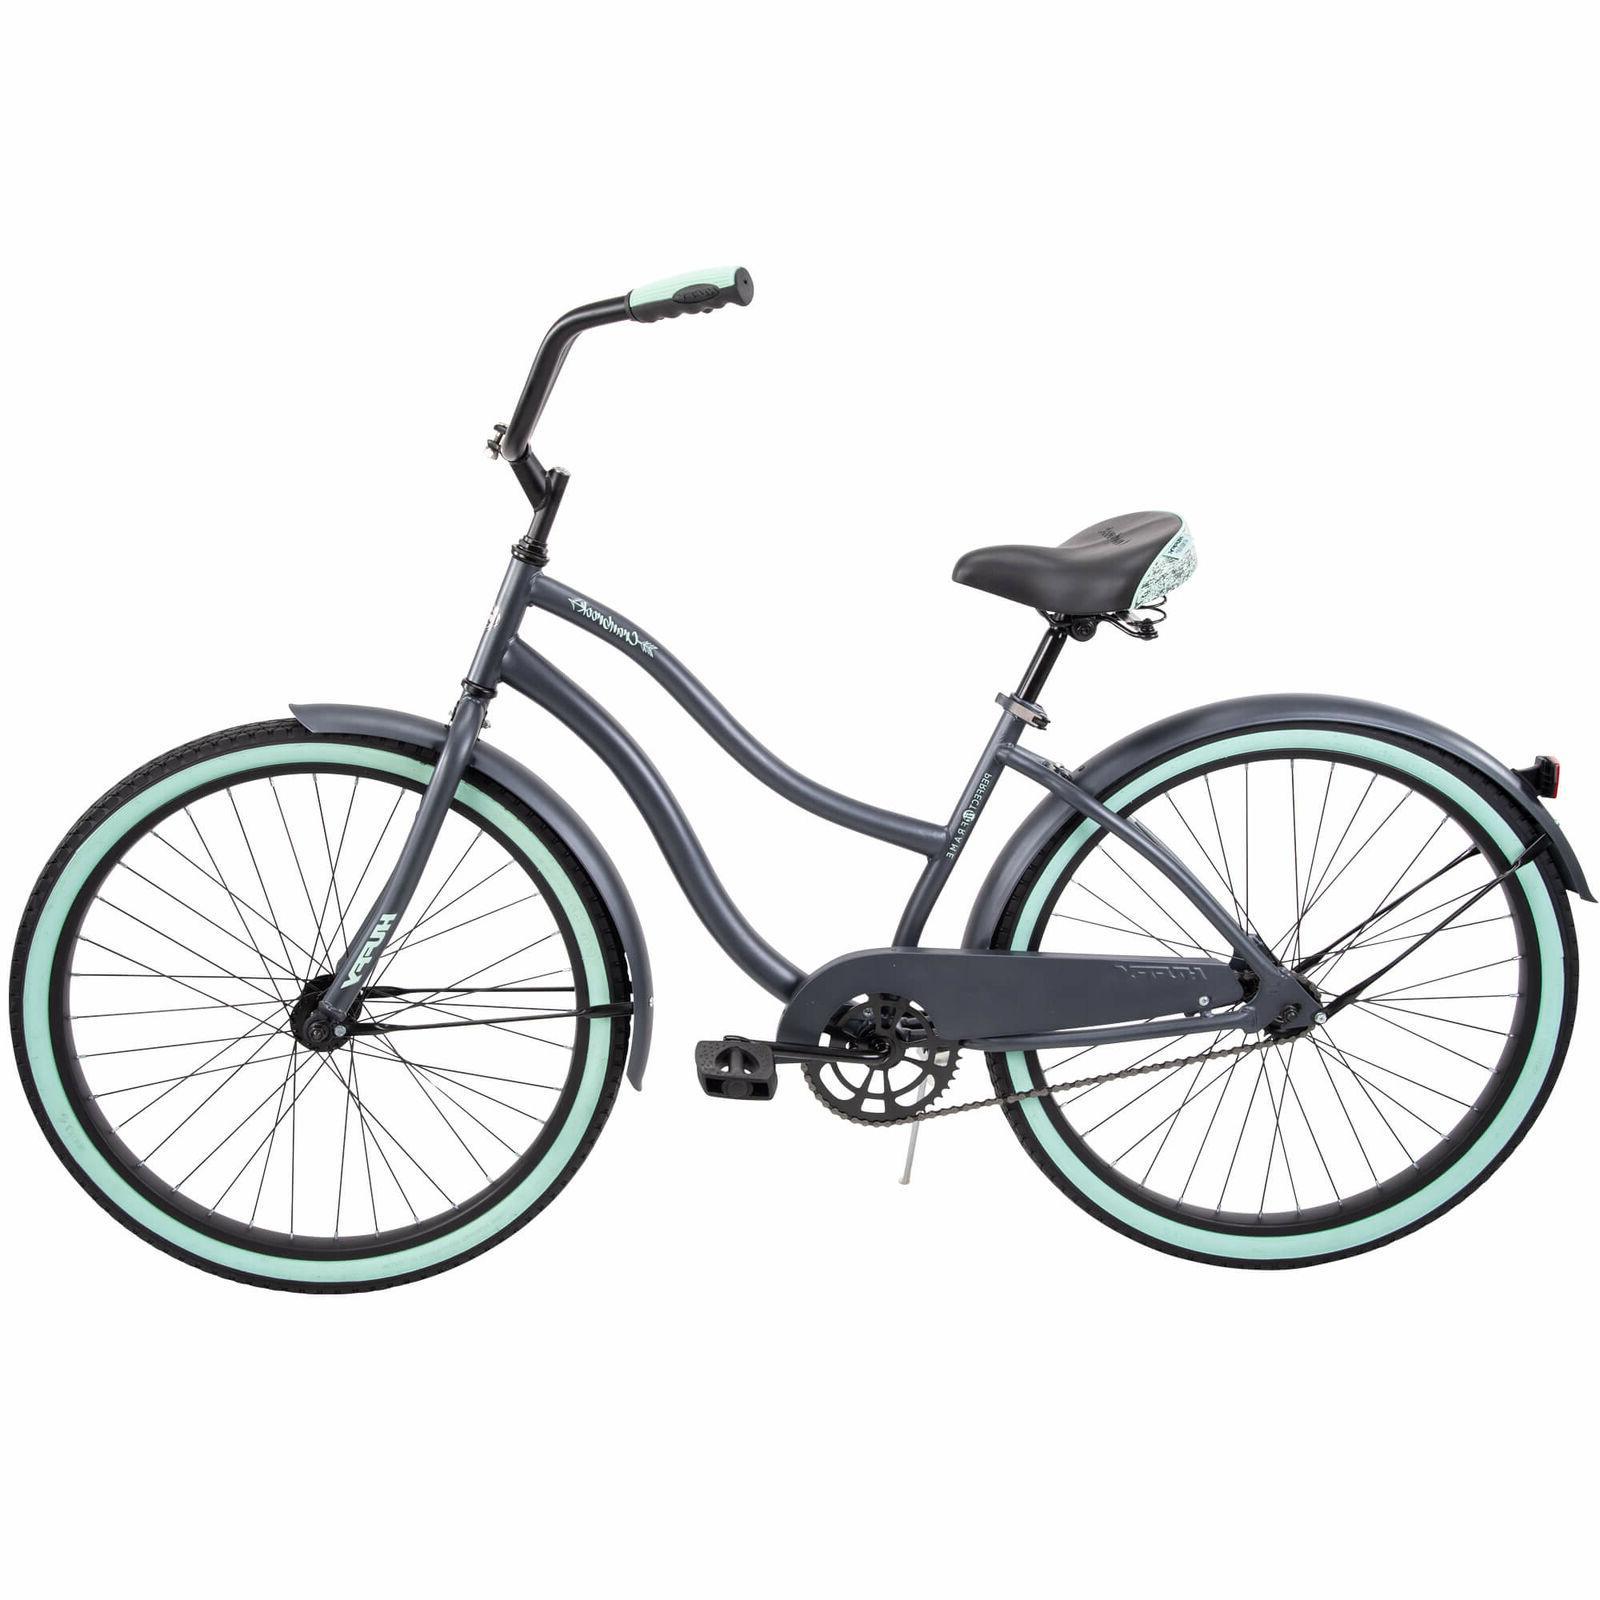 Gray Cruiser Bike Women Comfort City Beach Commuter Frame